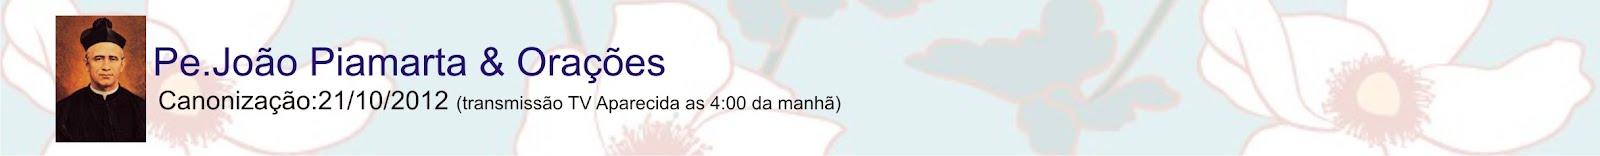 Pe.João Piamarta & Orações